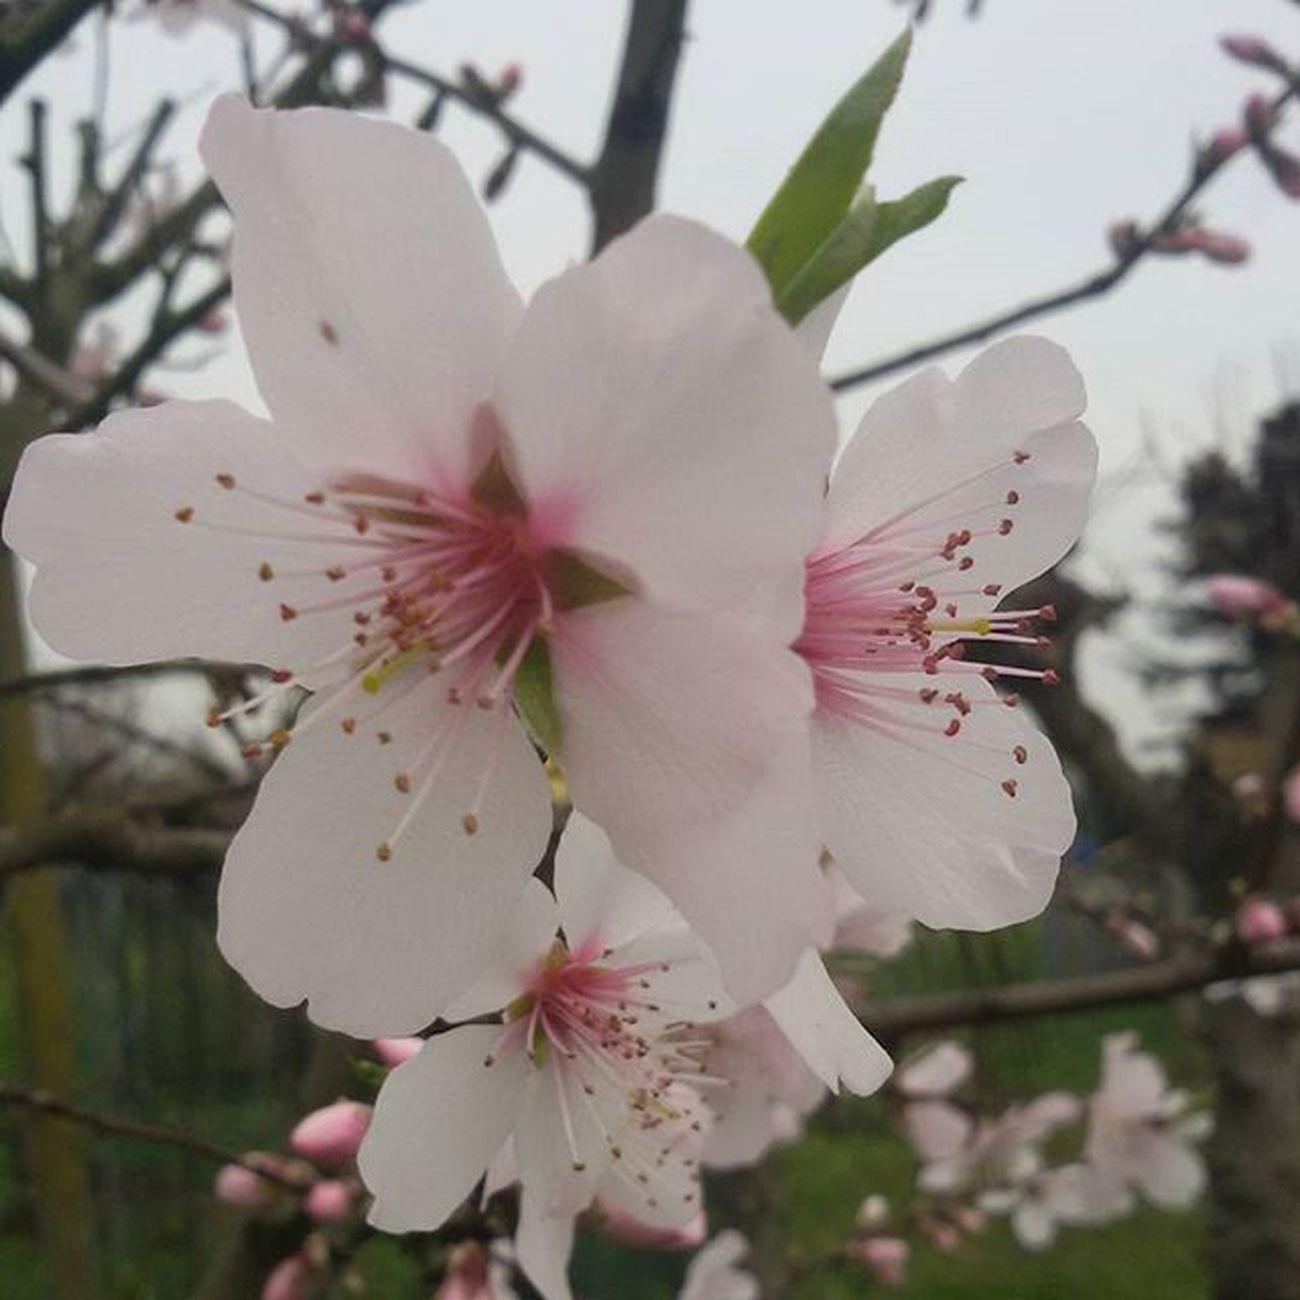 Mandorlo Fioredimandorlo Fiore Flower Flowers Fiori Mandorlo Mandorle Primavera Primavera2016 Spring2016 Spring Marzo March